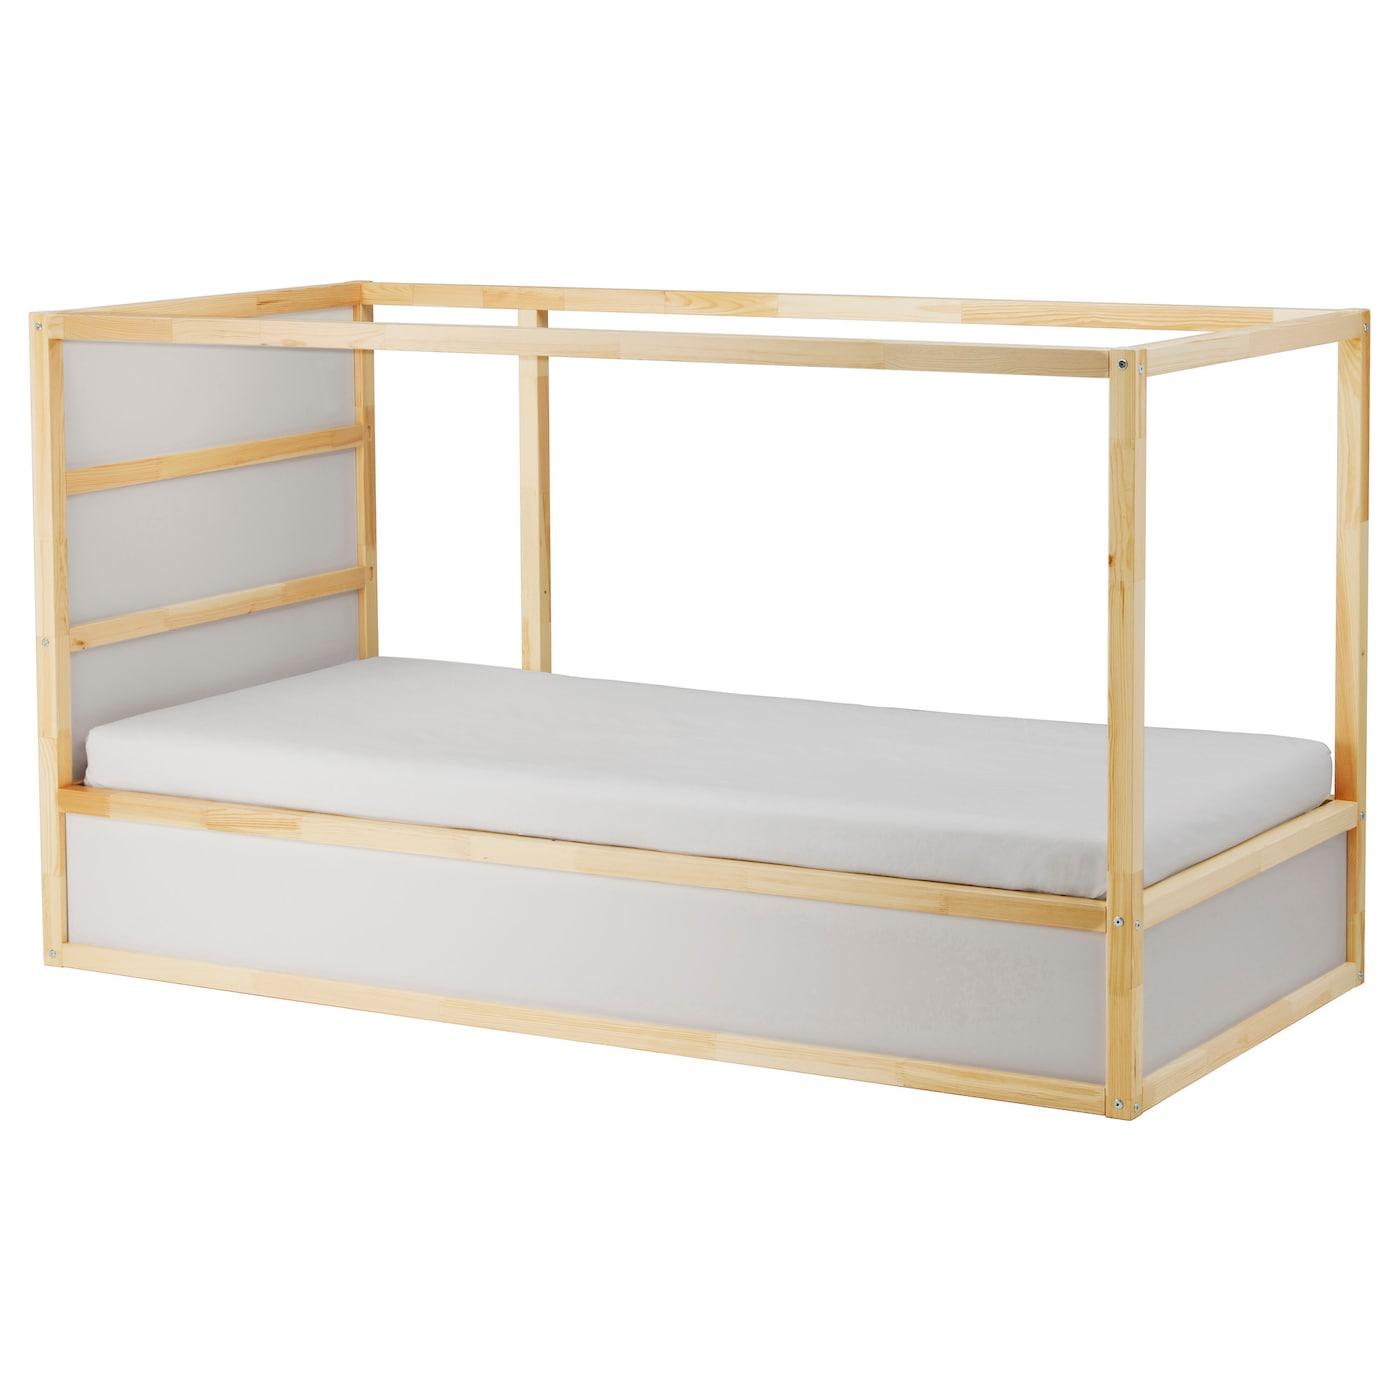 Letto Ikea Kura.Kura Reversible Bed White Pine